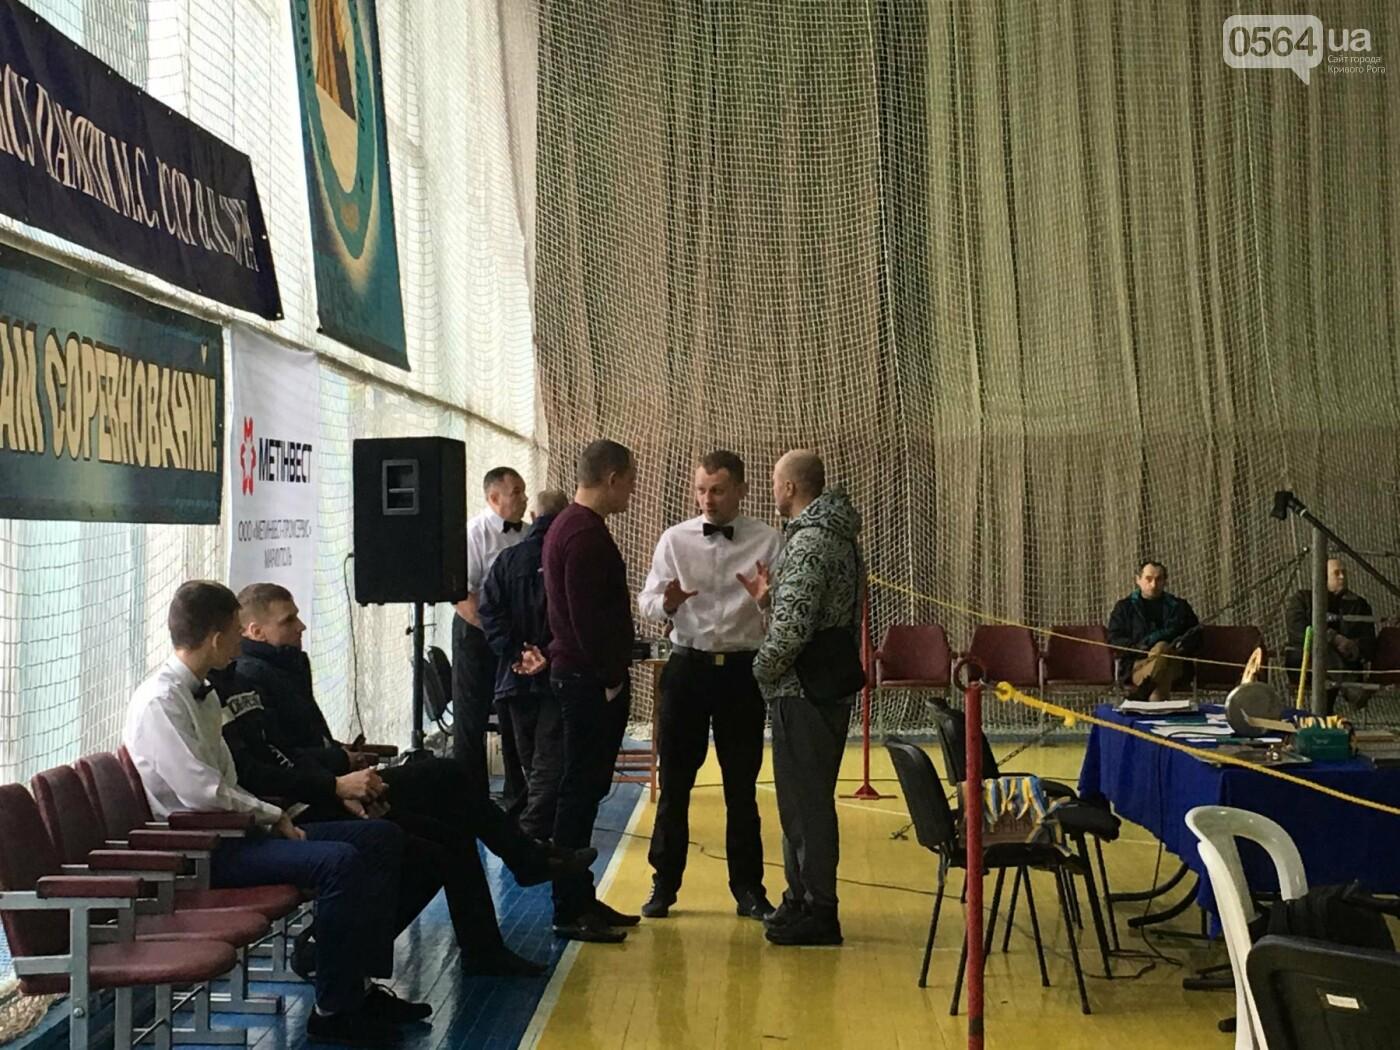 В Кривом Роге состоялся Международный турнир по боксу (ФОТО, ВИДЕО), фото-7